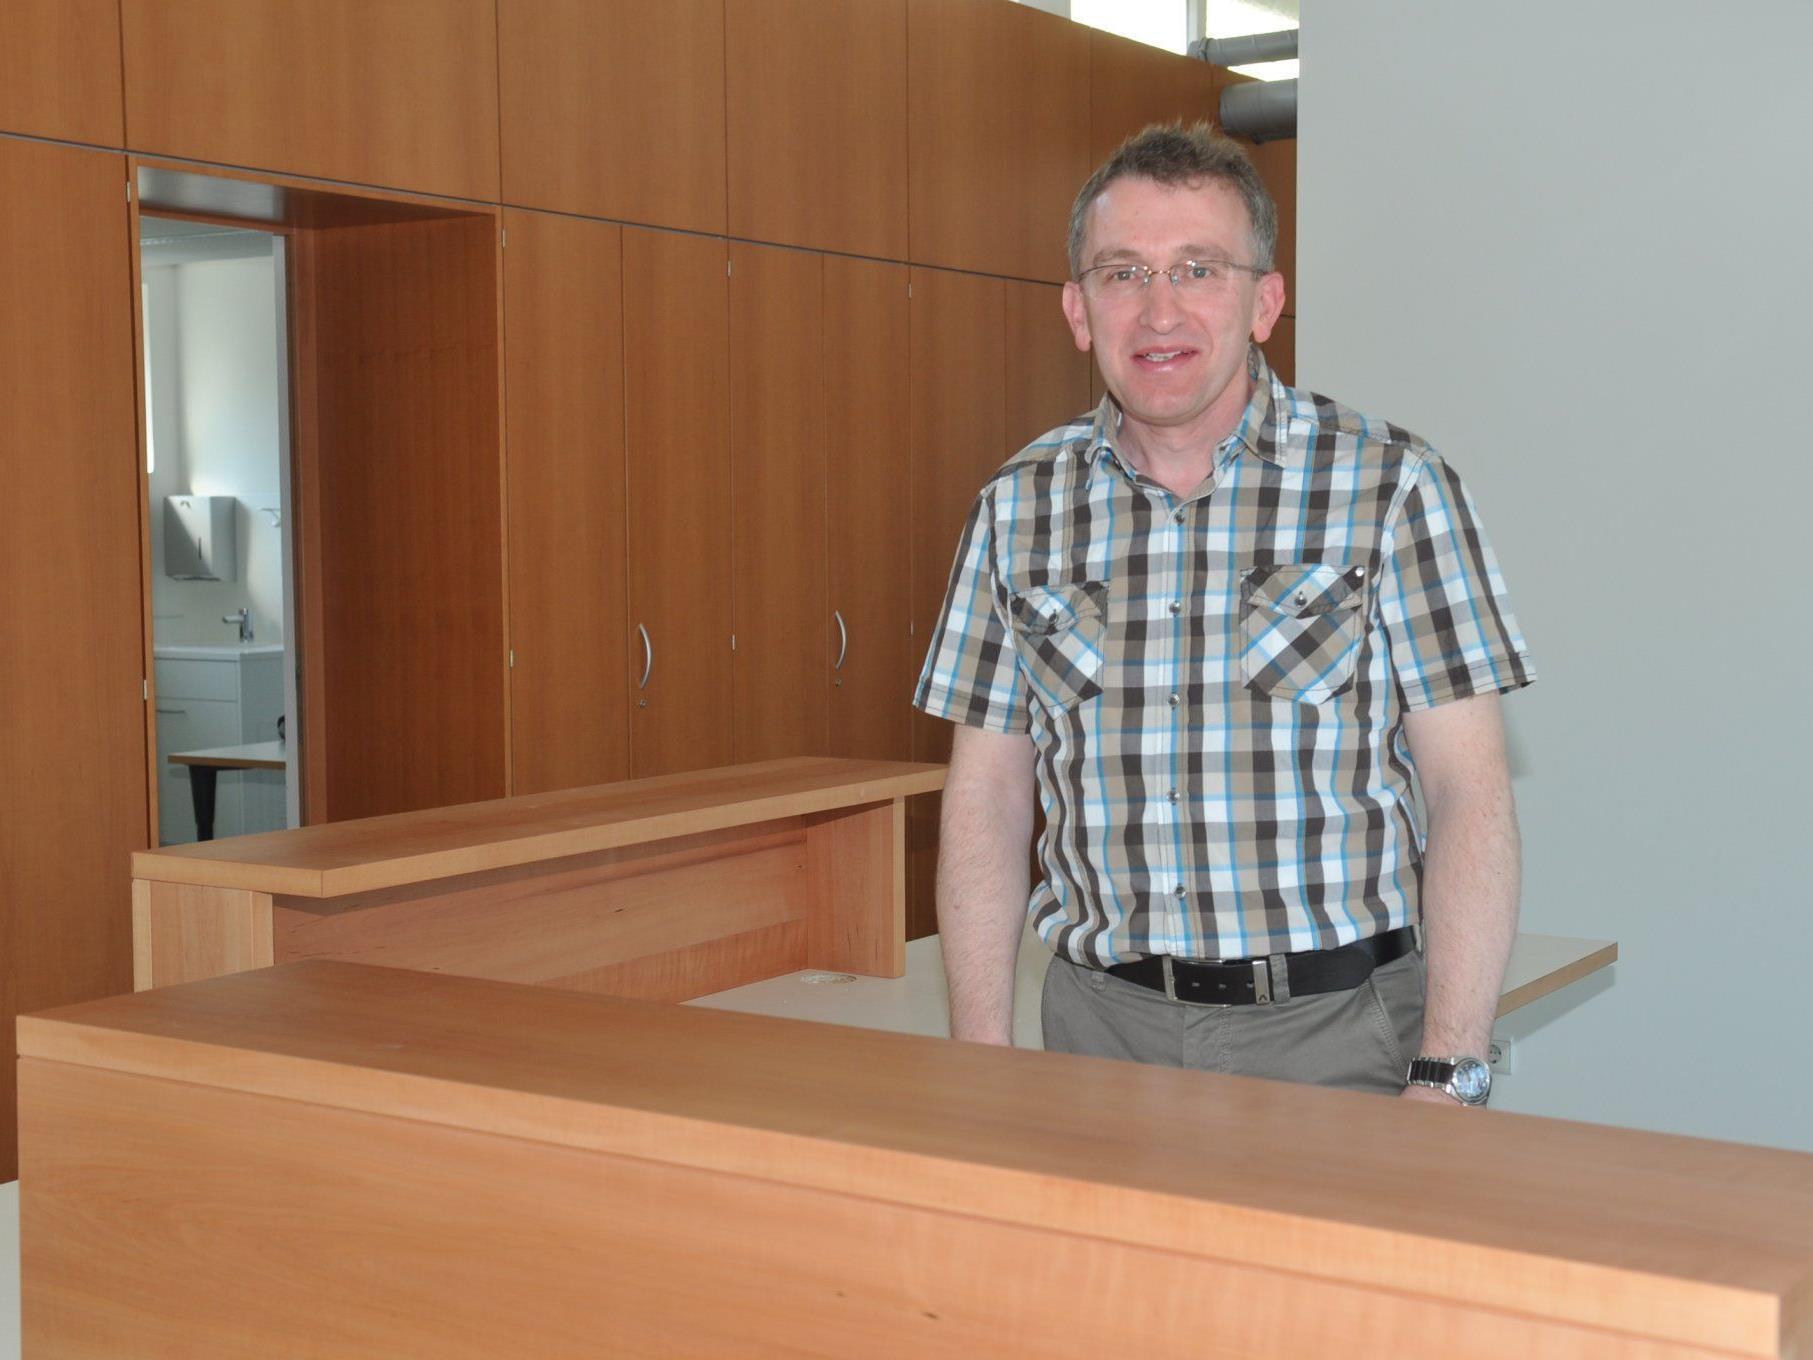 Dr. Werner Feuerstein aus Bludenz eröffnete seine neue Praxis in der ehemaligen Drogerie Jochum in Altach.